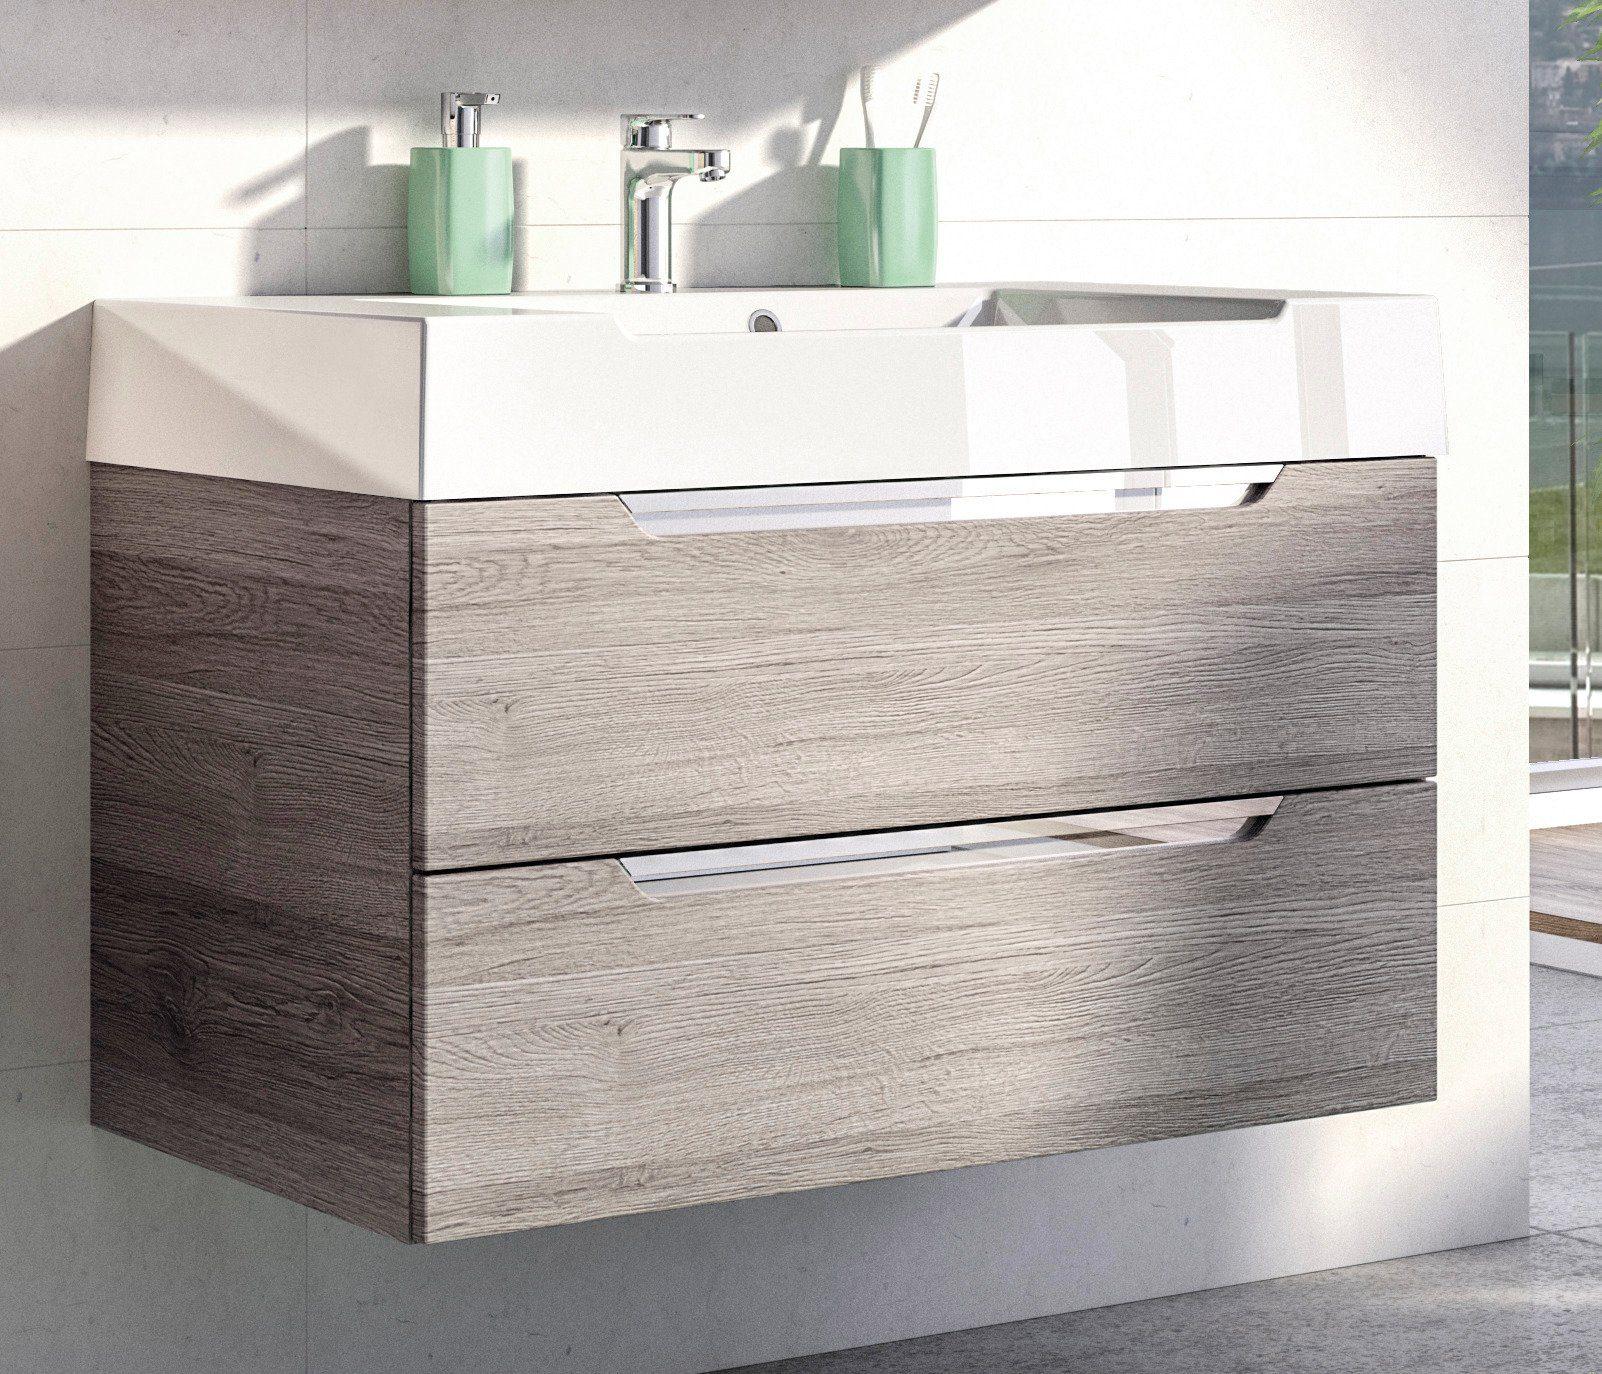 Mineralgussmarmor Waschtisch / Waschbecken »Solitaire 7020« 86 cm